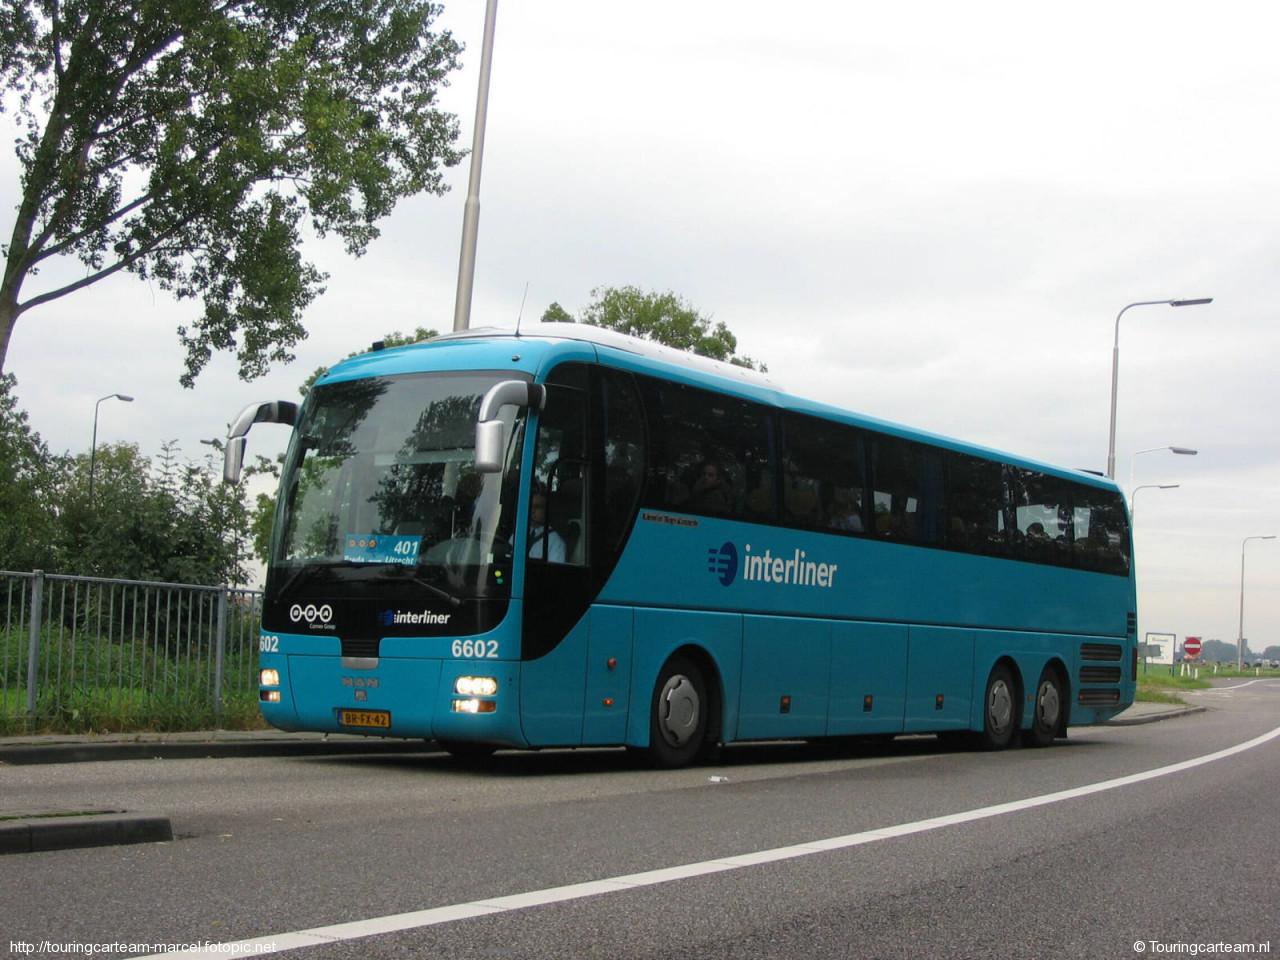 2155 man bus photos 2155 man bus photos wallpapers 1280x960